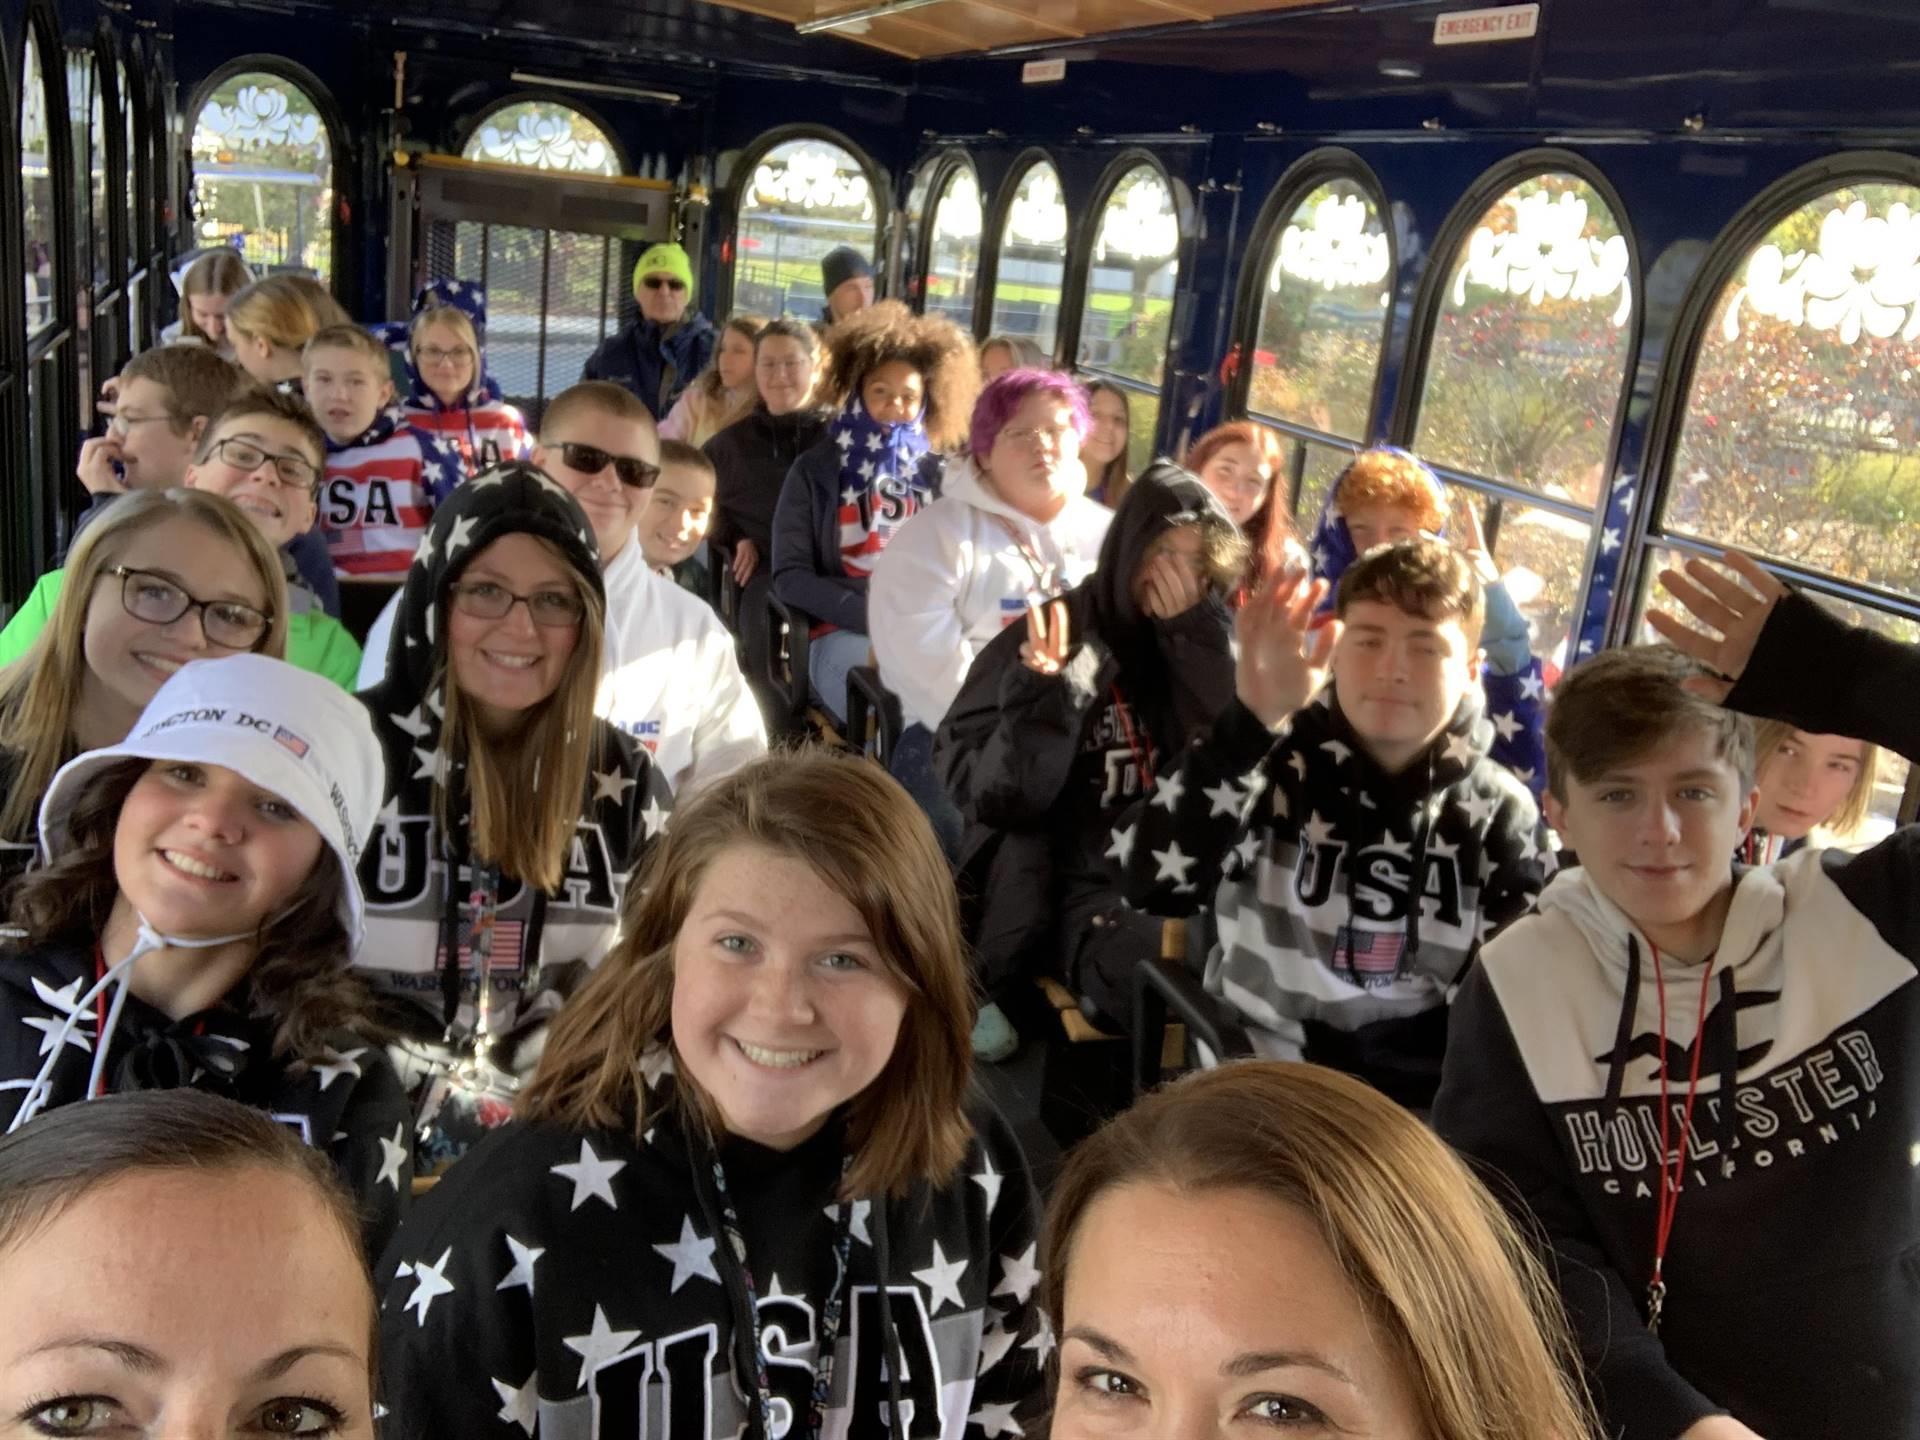 Bus-riding fun!